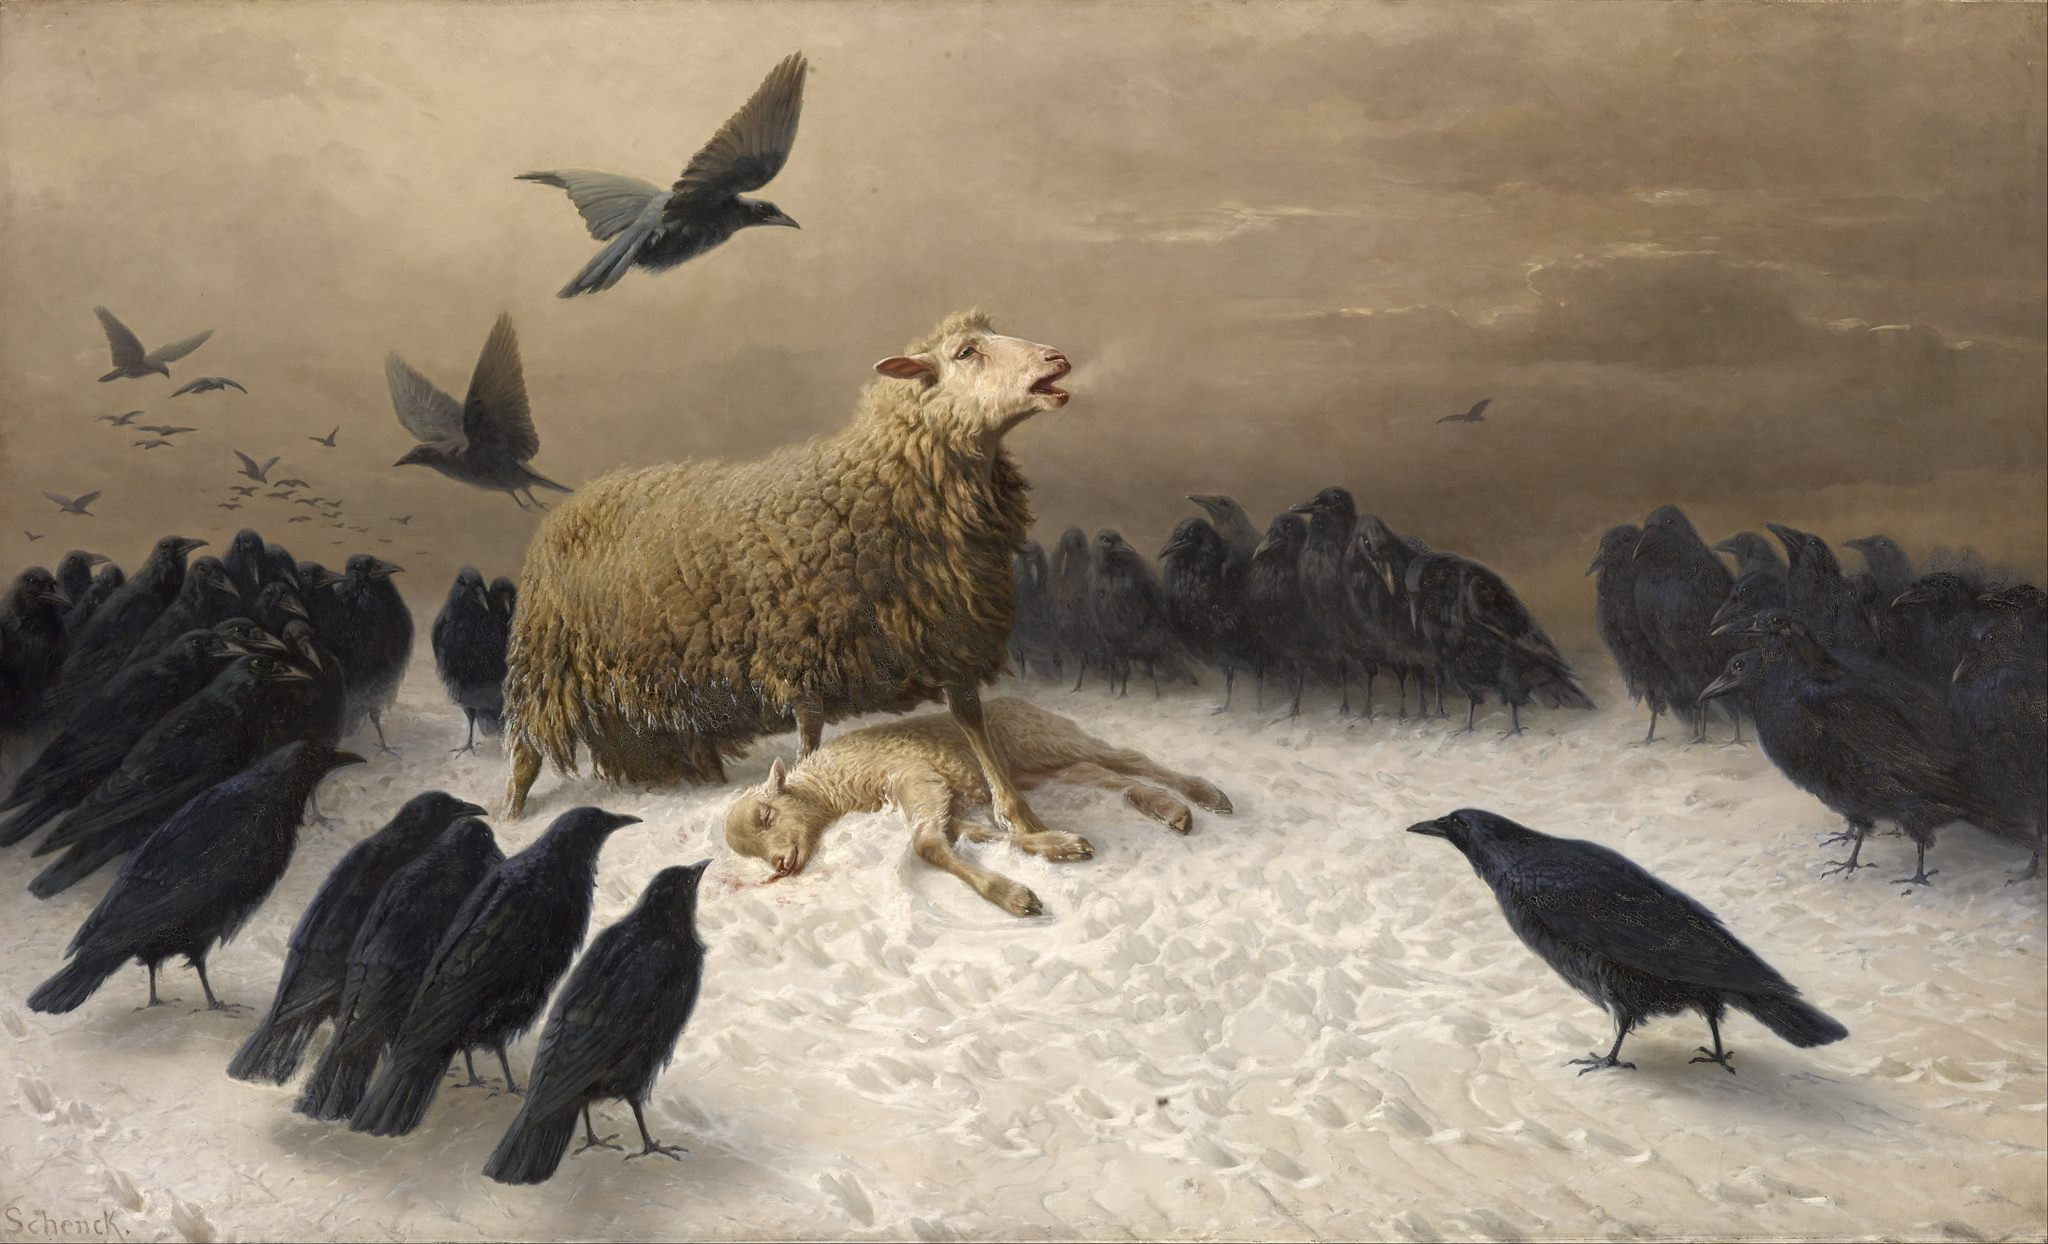 Anguish av August Friedrich Albrecht Schenck